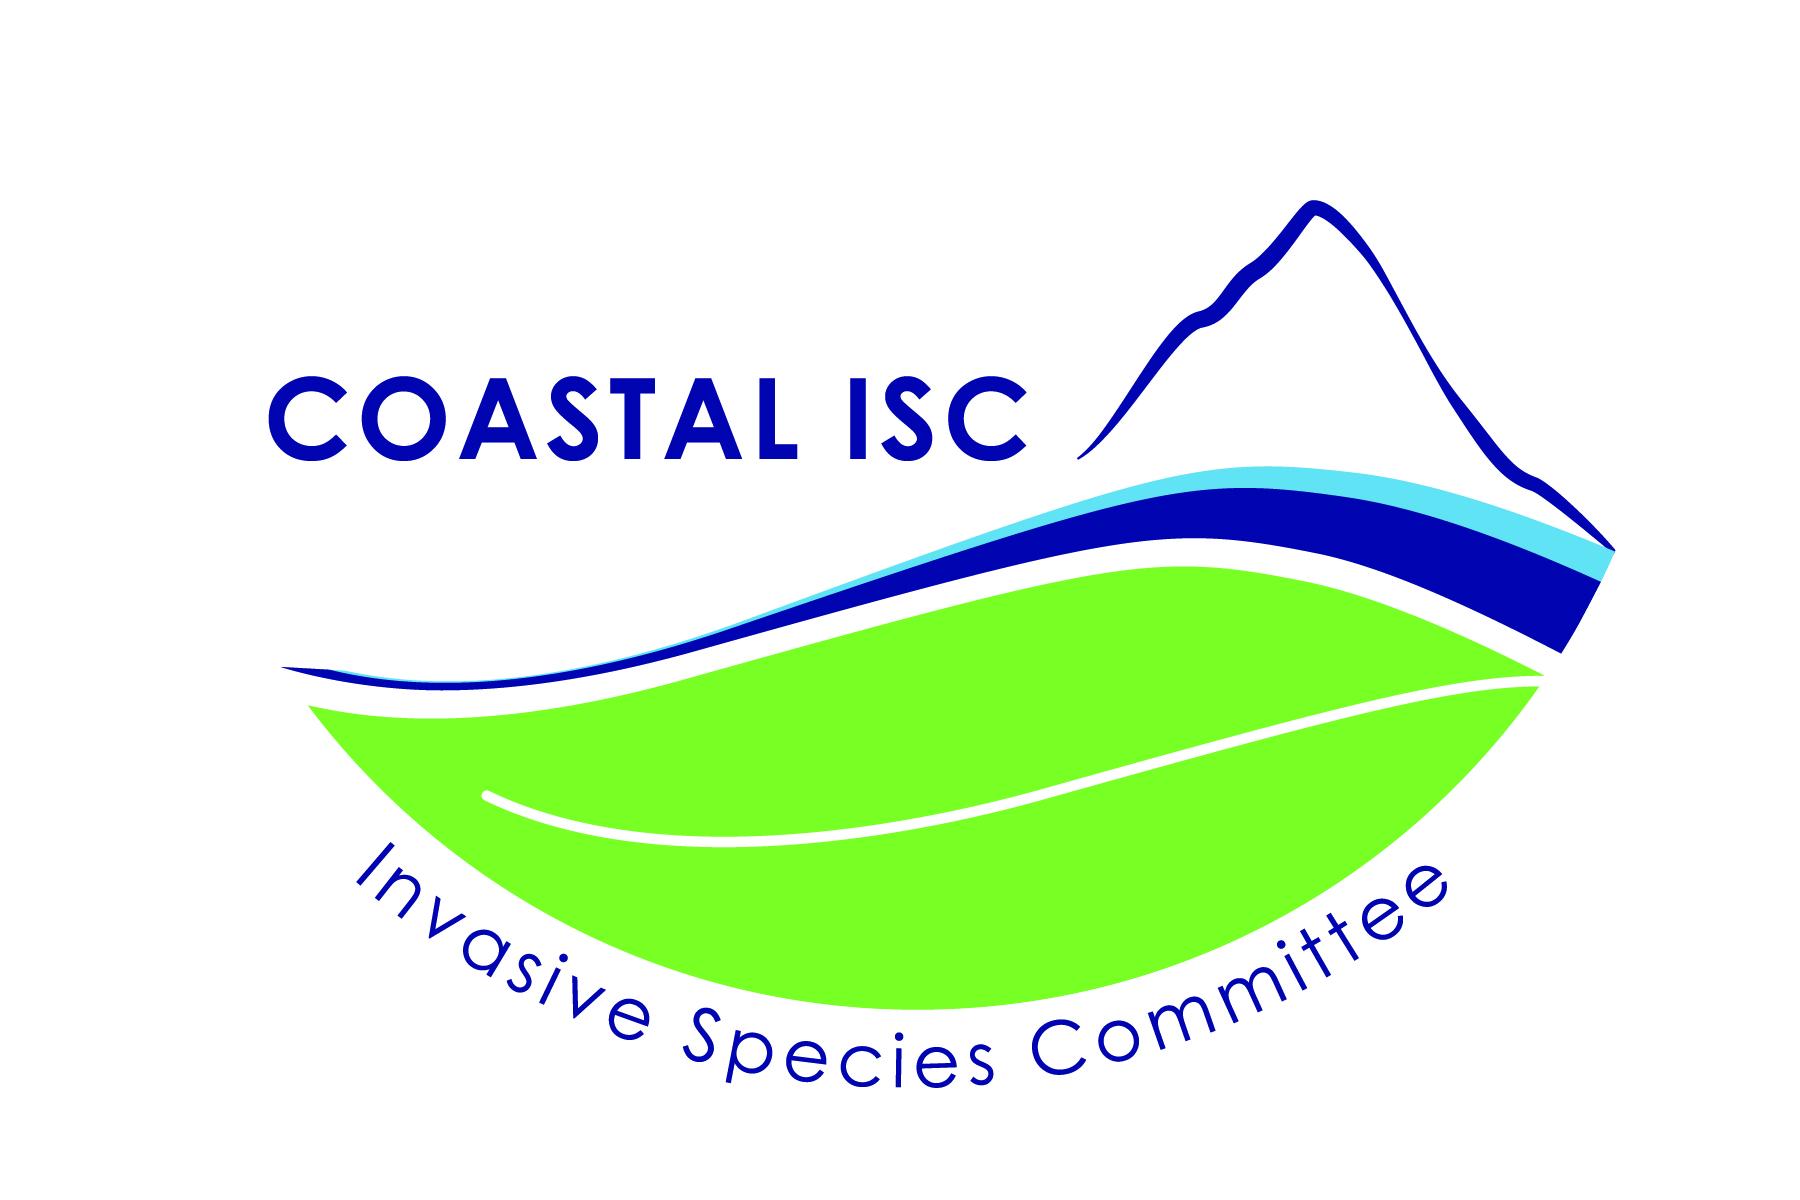 Coastal ISC NEW logo